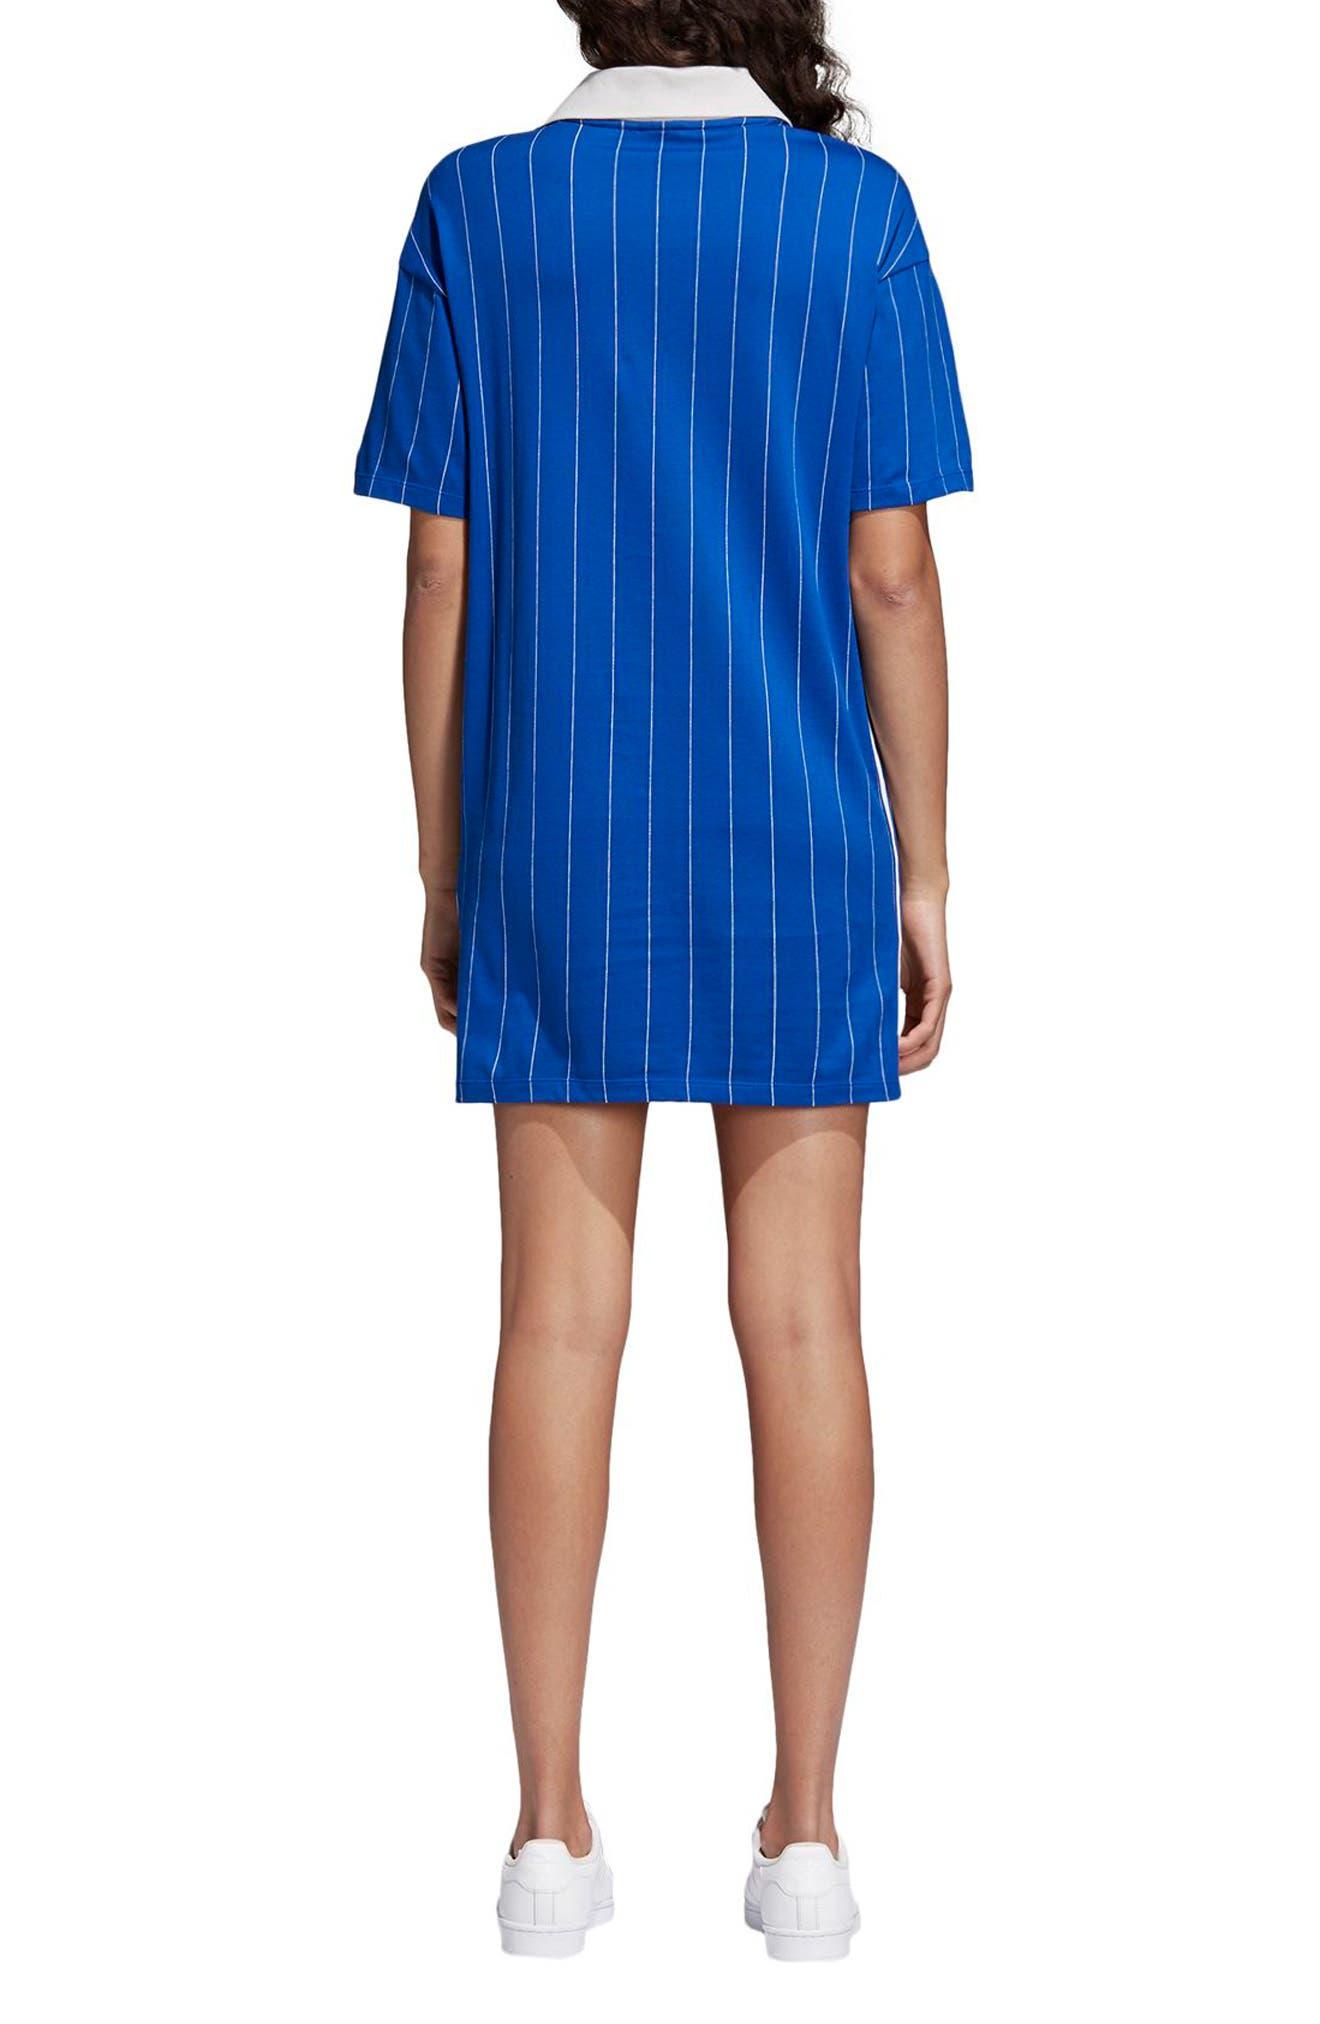 Originals Fashion League Retro Dress,                             Alternate thumbnail 2, color,